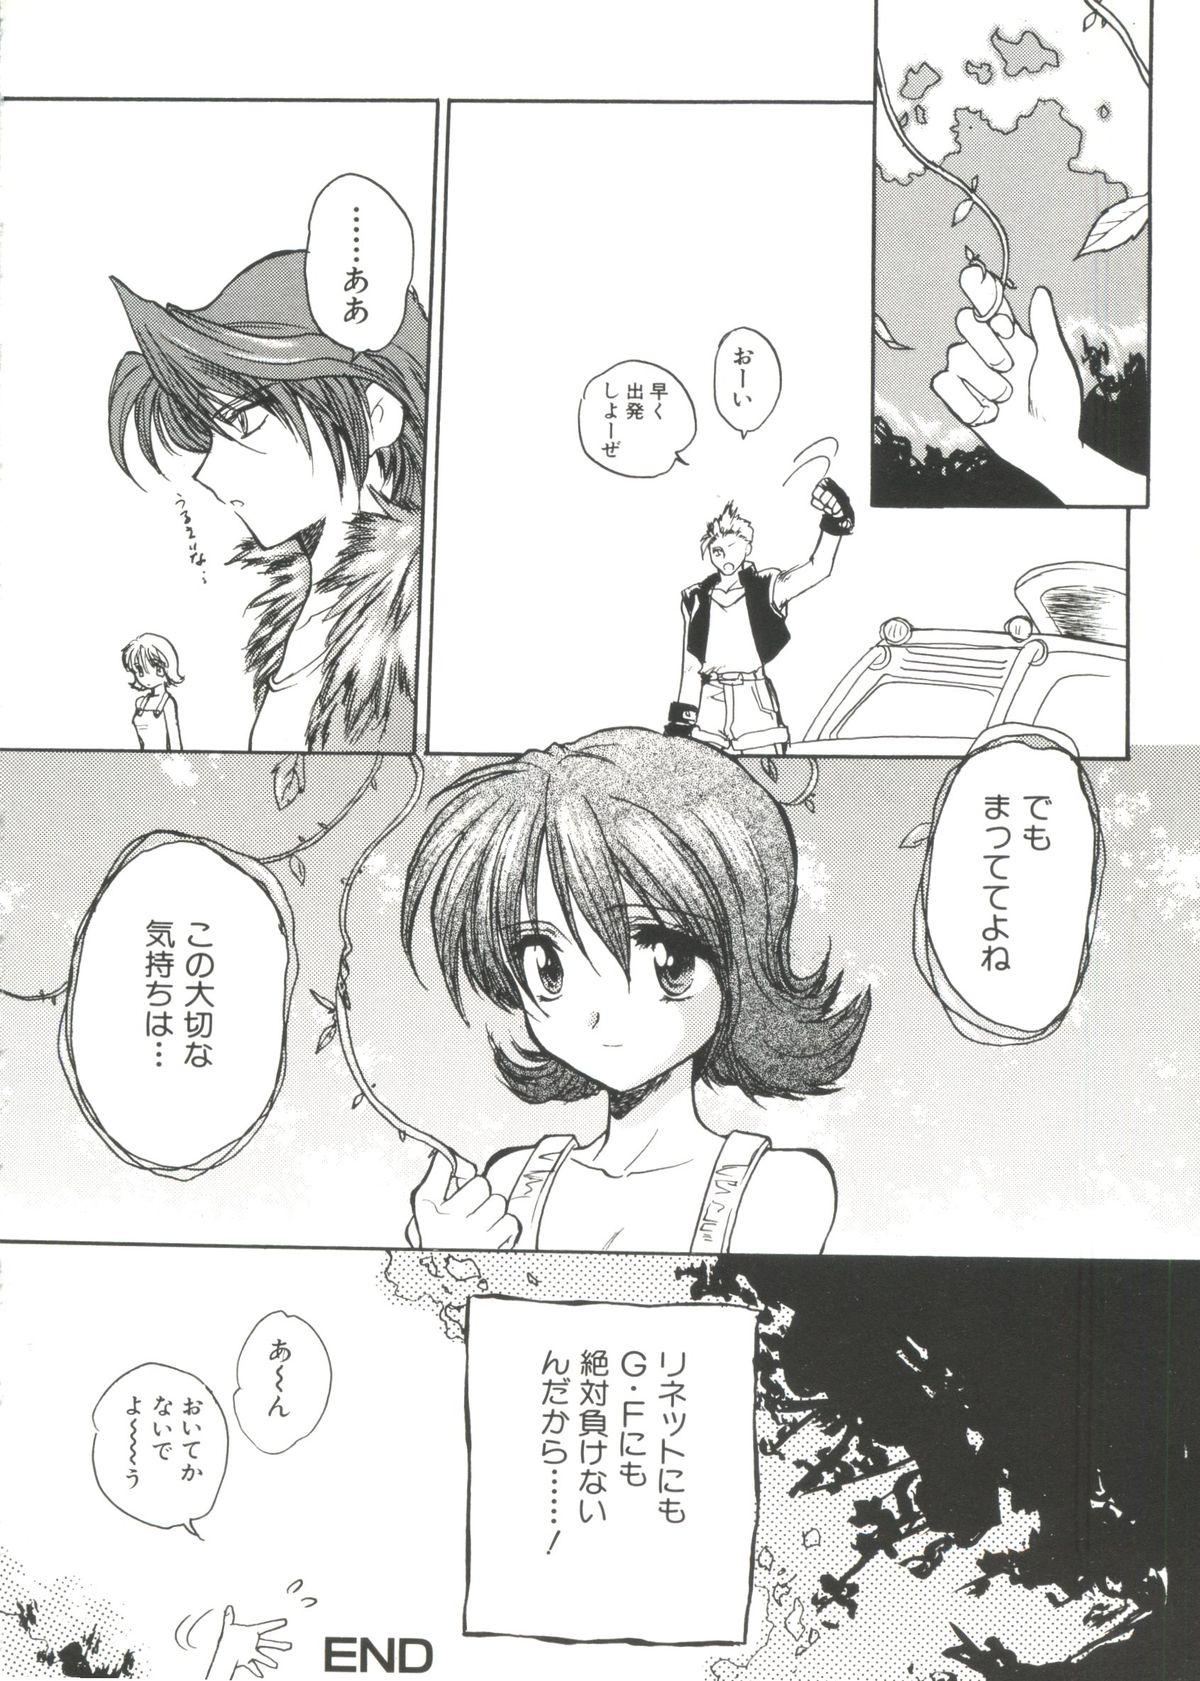 Denei Tamatebako 6 - Nishinhou no Tenshi II 63